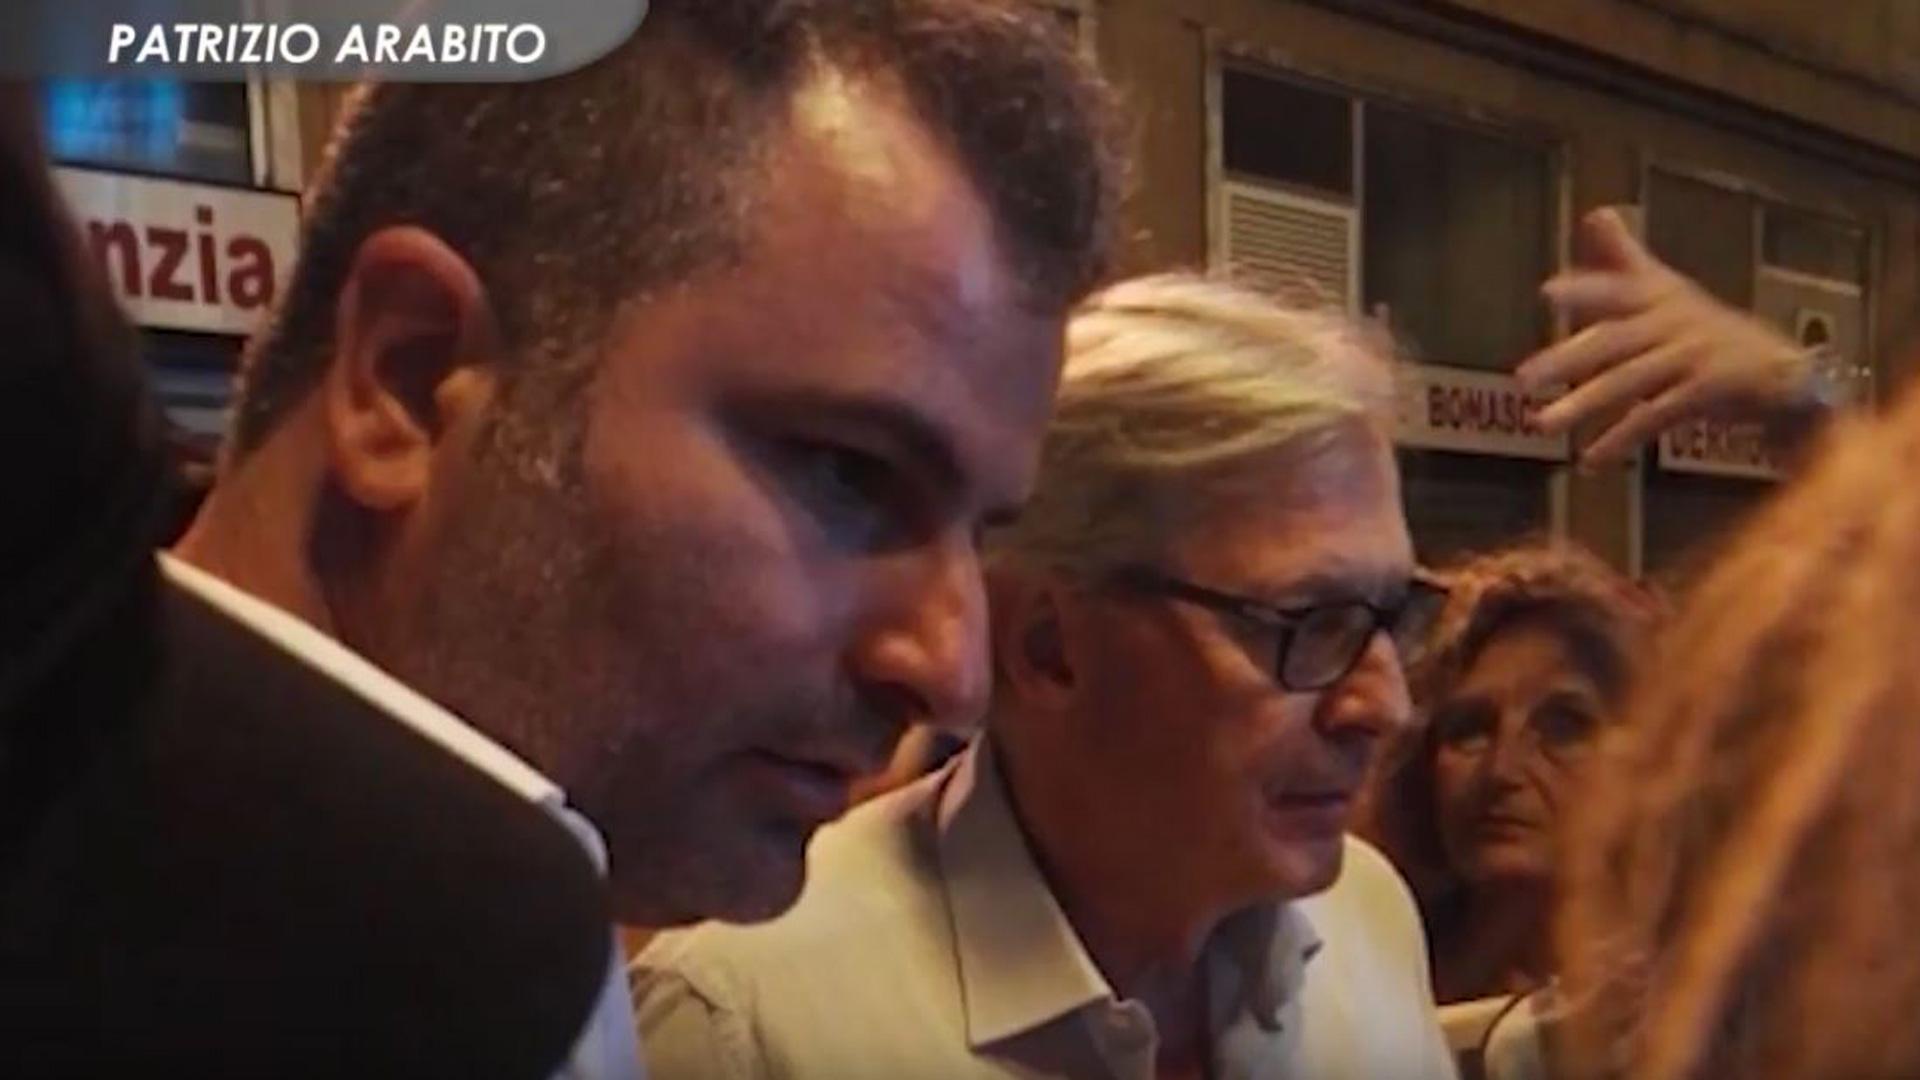 Patrizio Arabito - Critiche